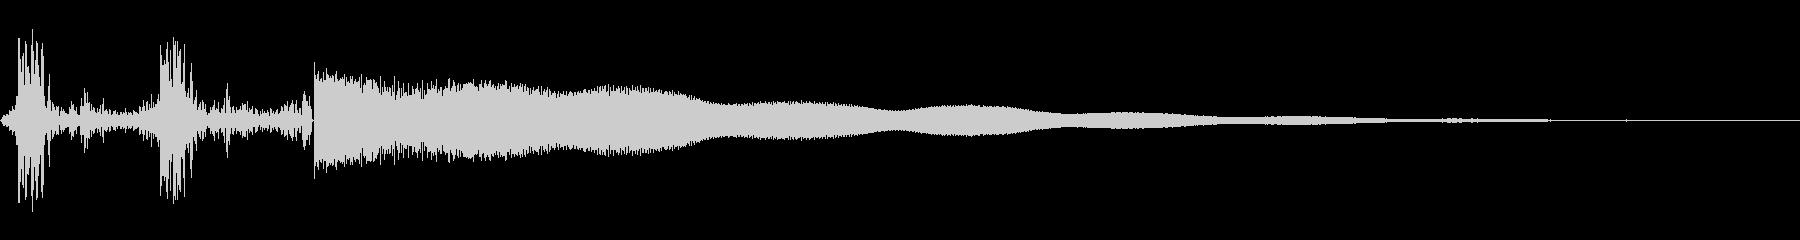 シンプルなレジスター音の未再生の波形